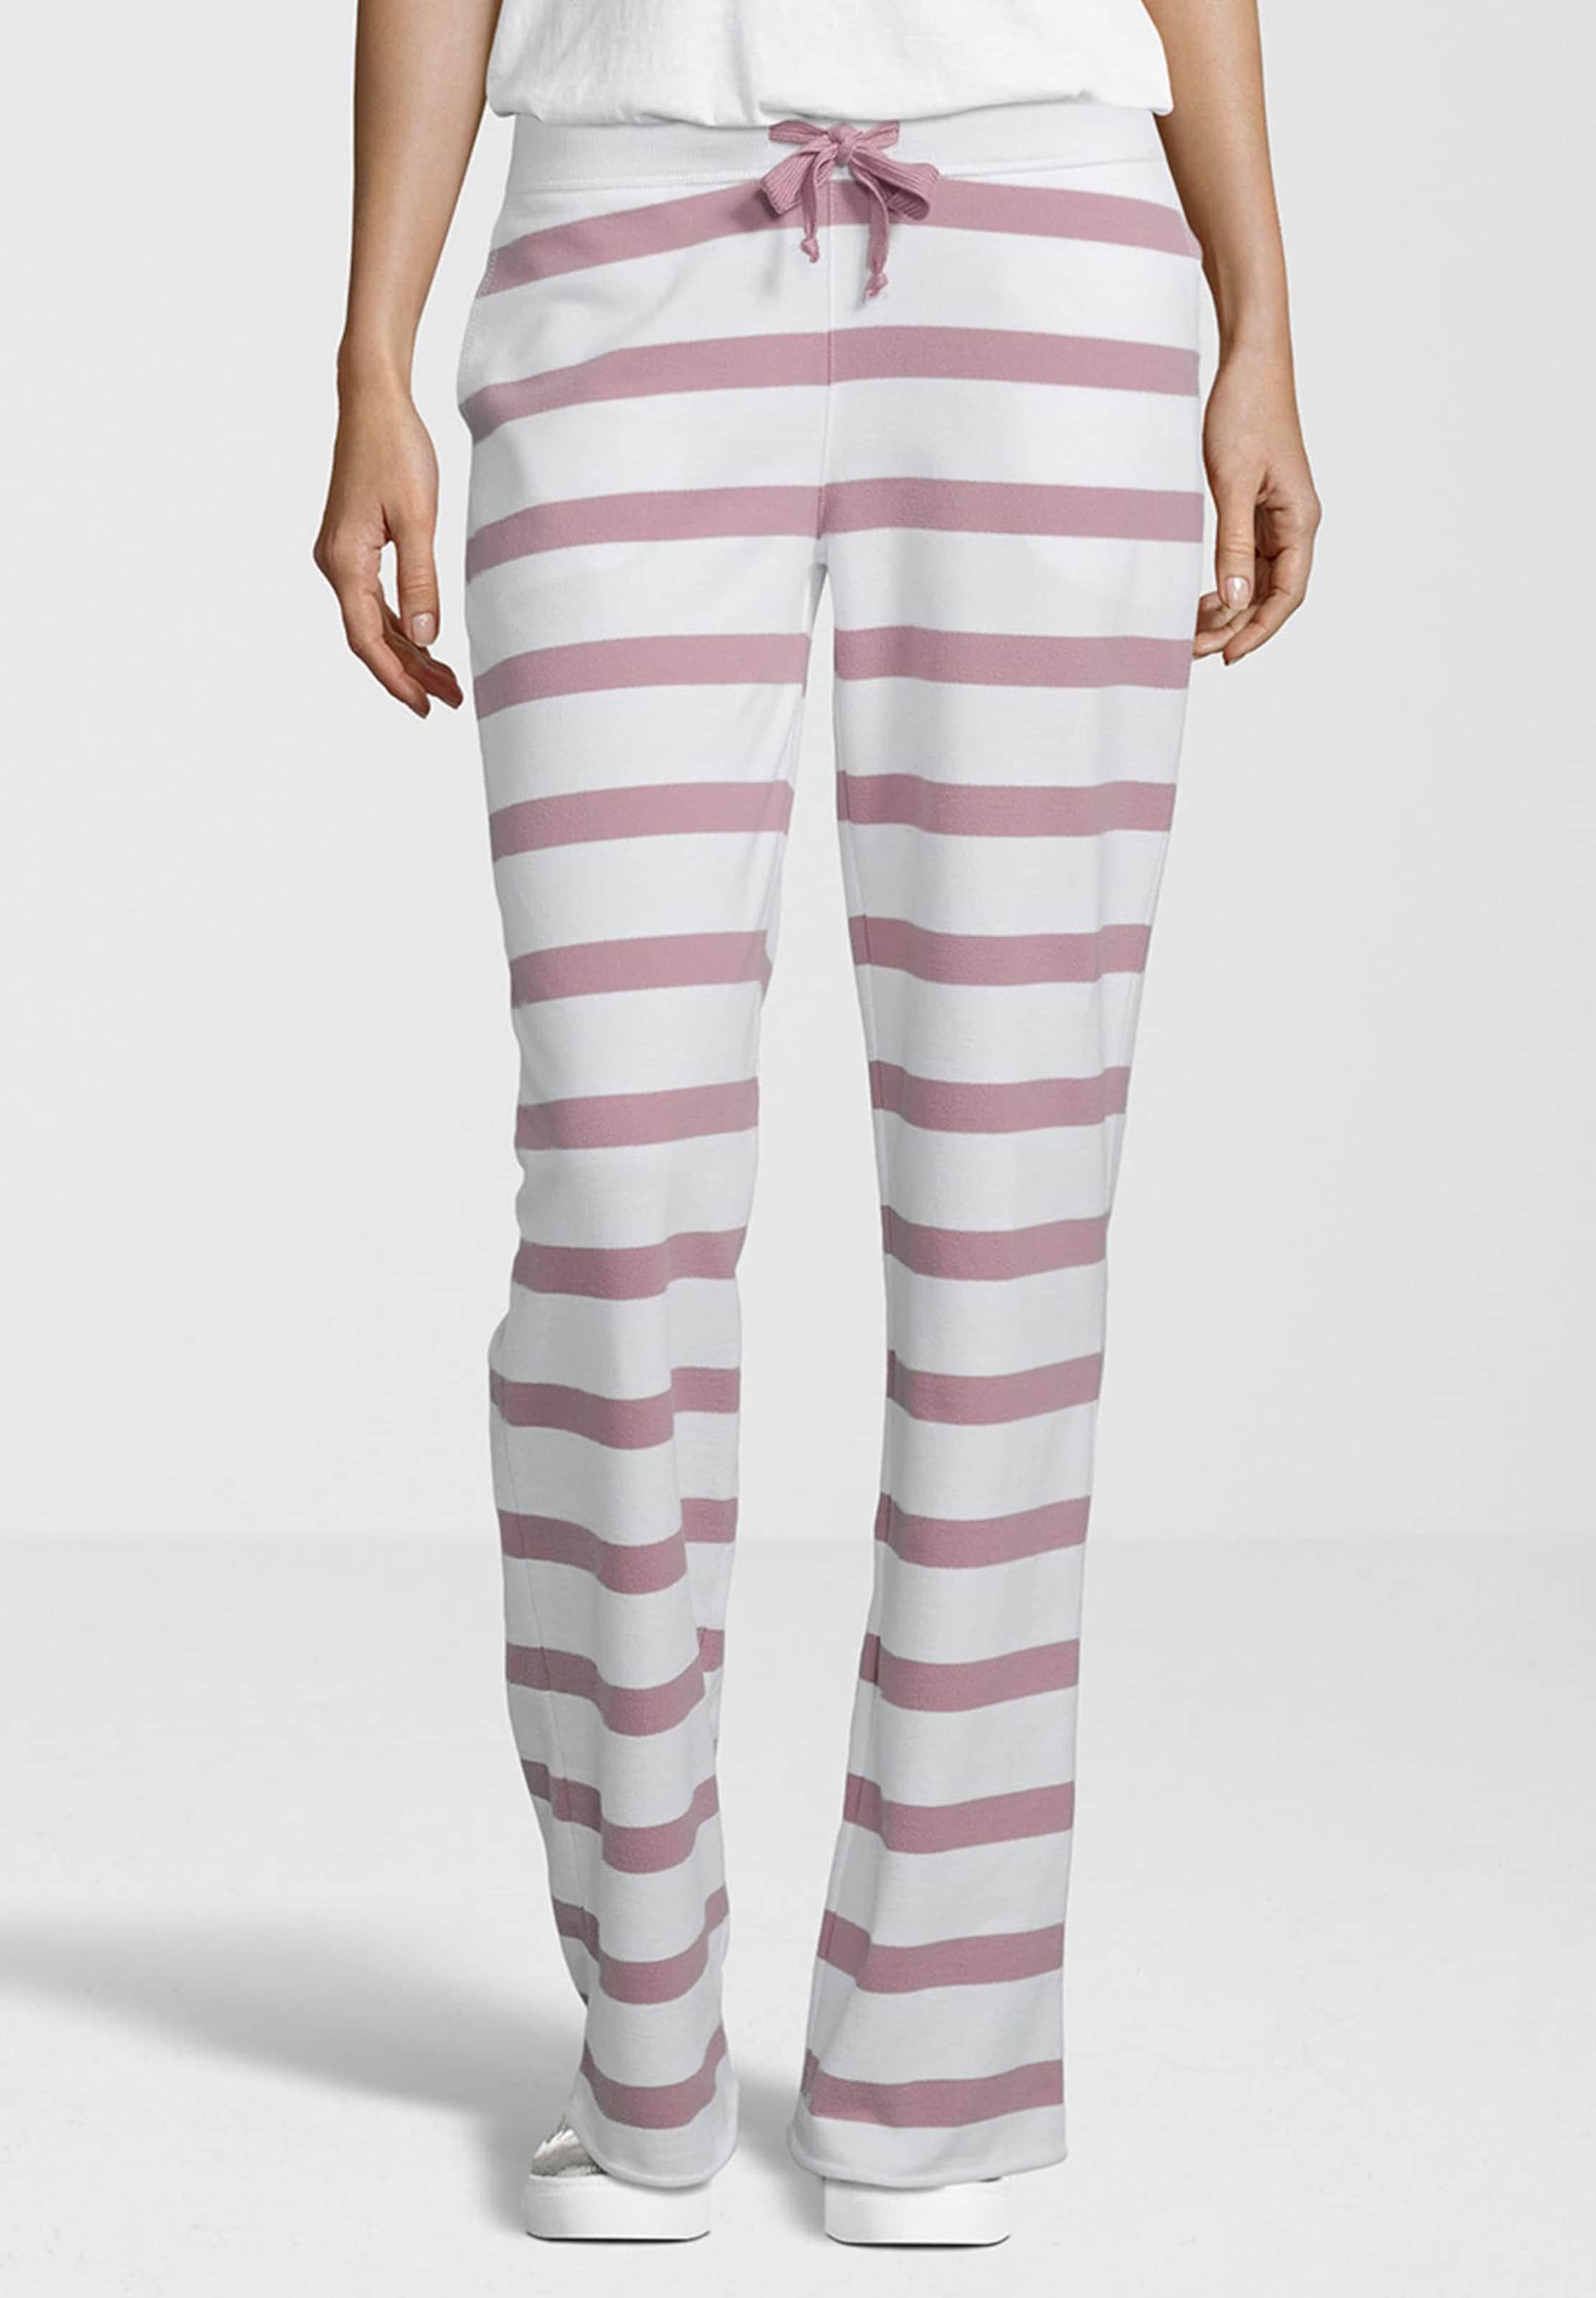 Sweathose Stripe' In RoséWeiß 'fleece Juvia UGSzLqMpV